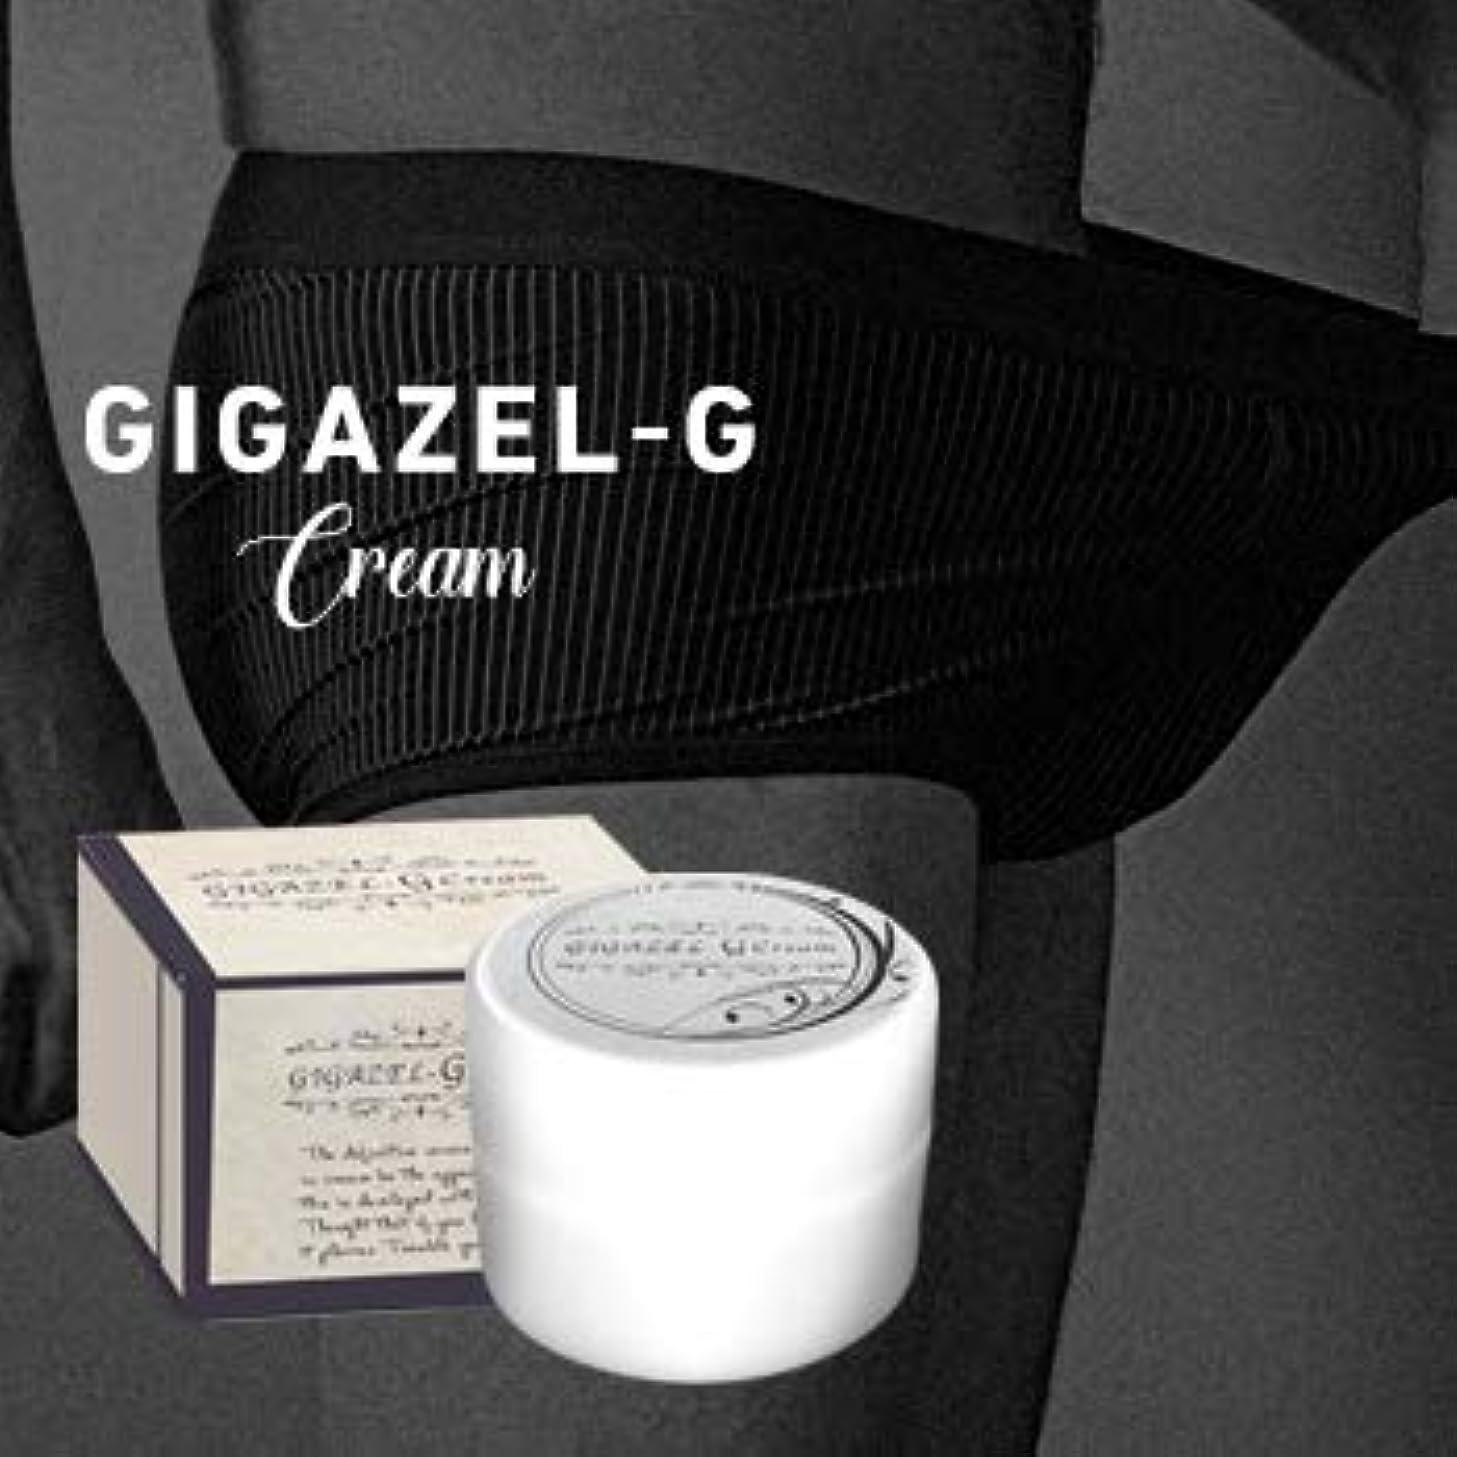 安定した違反所有者GIGAZEL-G-Cream(ギガゼルGクリーム)~男性用ボディクリーム~